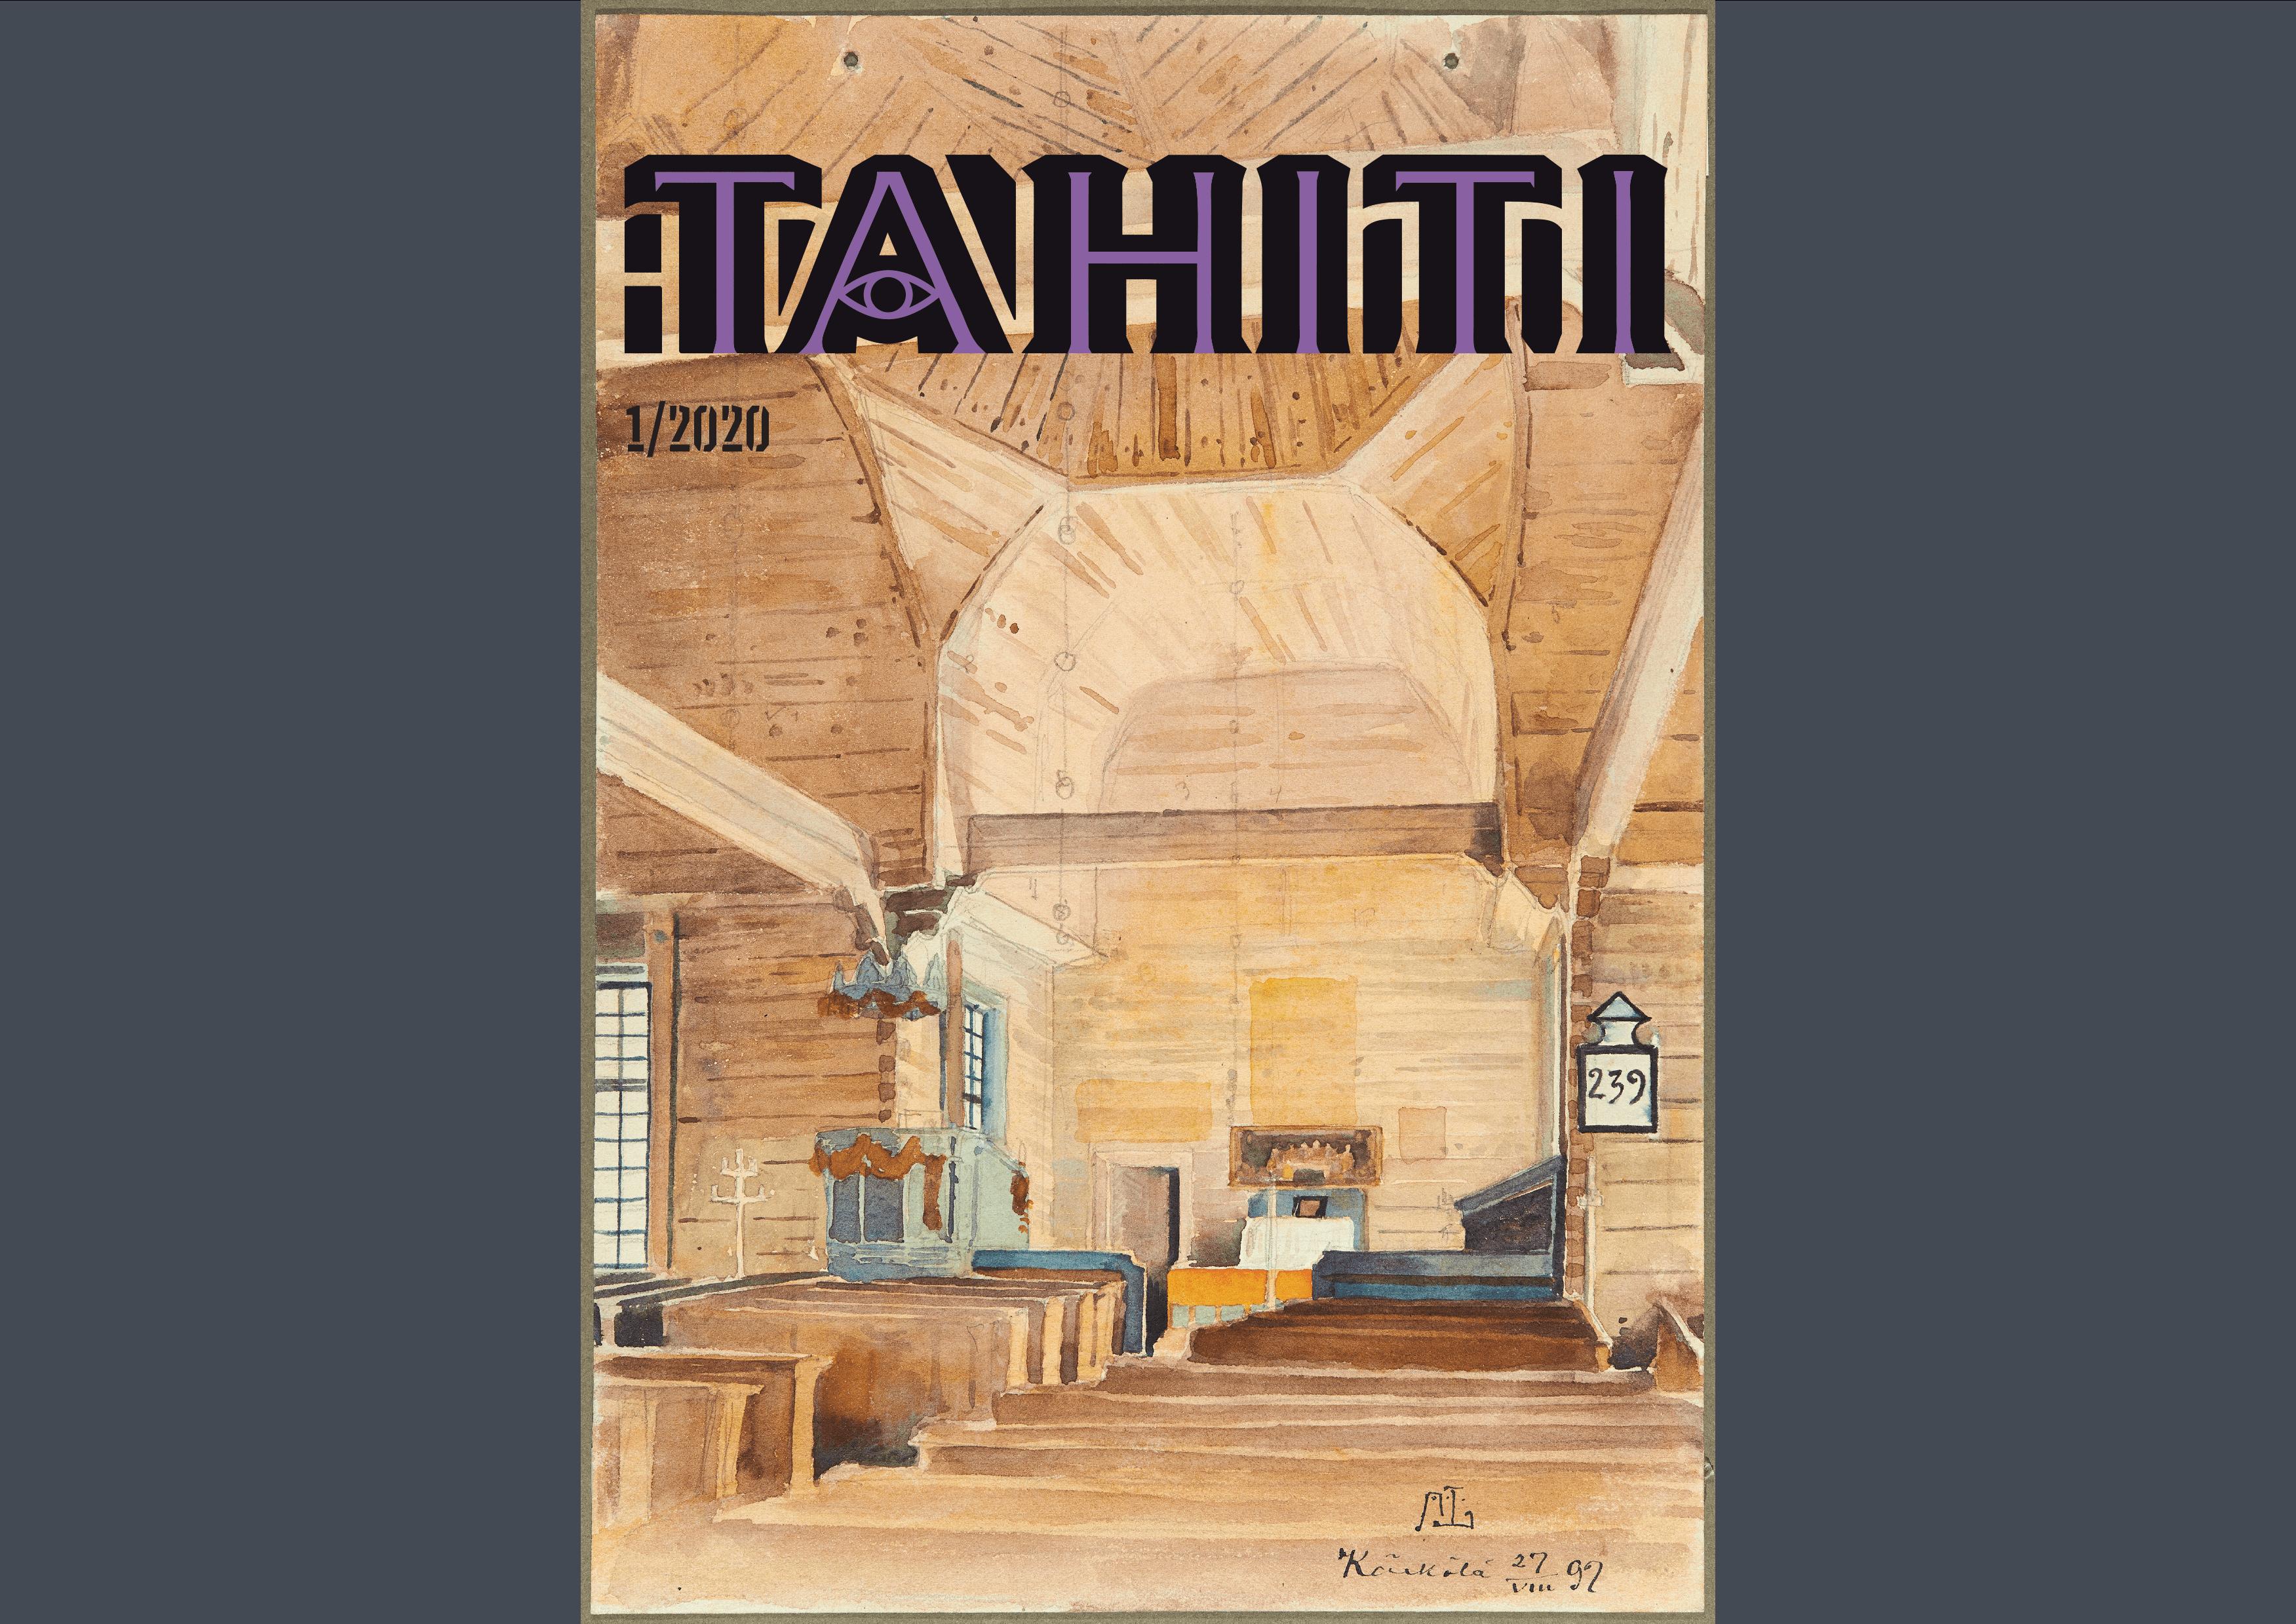 Vol 10 Nro 1 (2020): Tahiti 1/2020